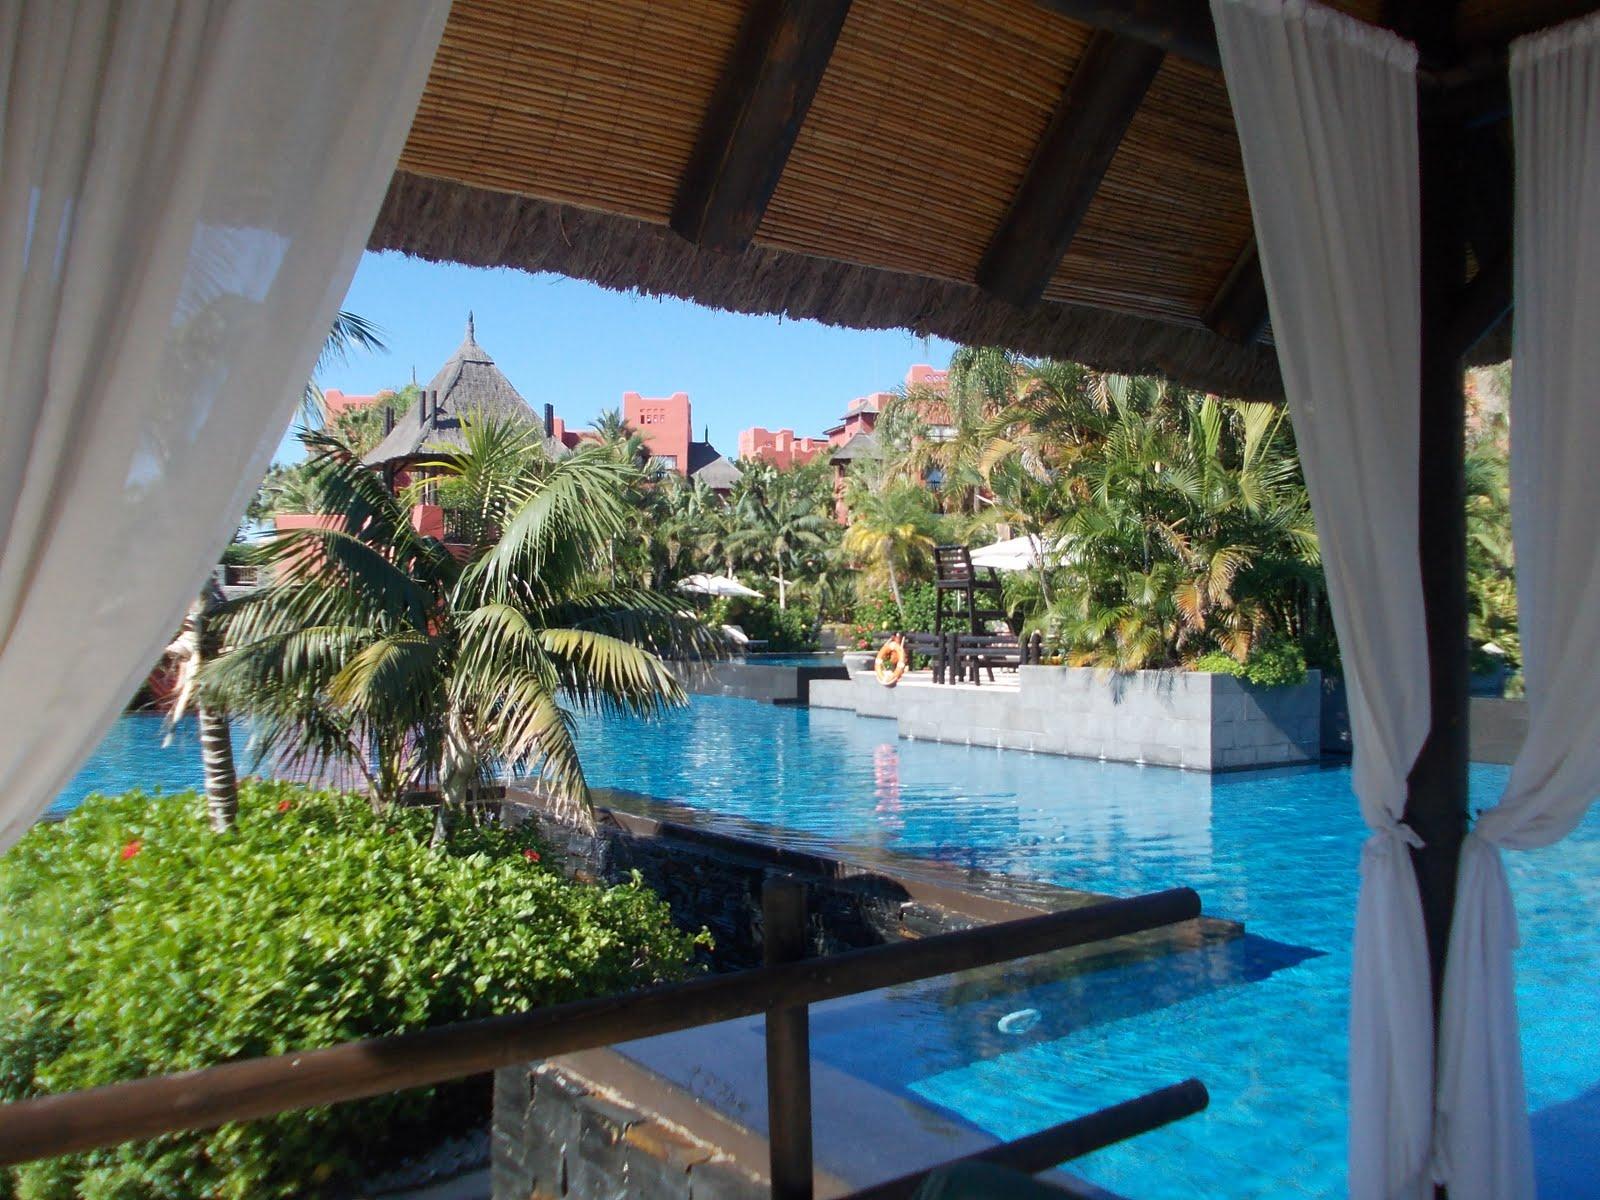 Bivestour viajes hoteles con encanto para tus vacaciones - Fuerteventura hoteles con encanto ...